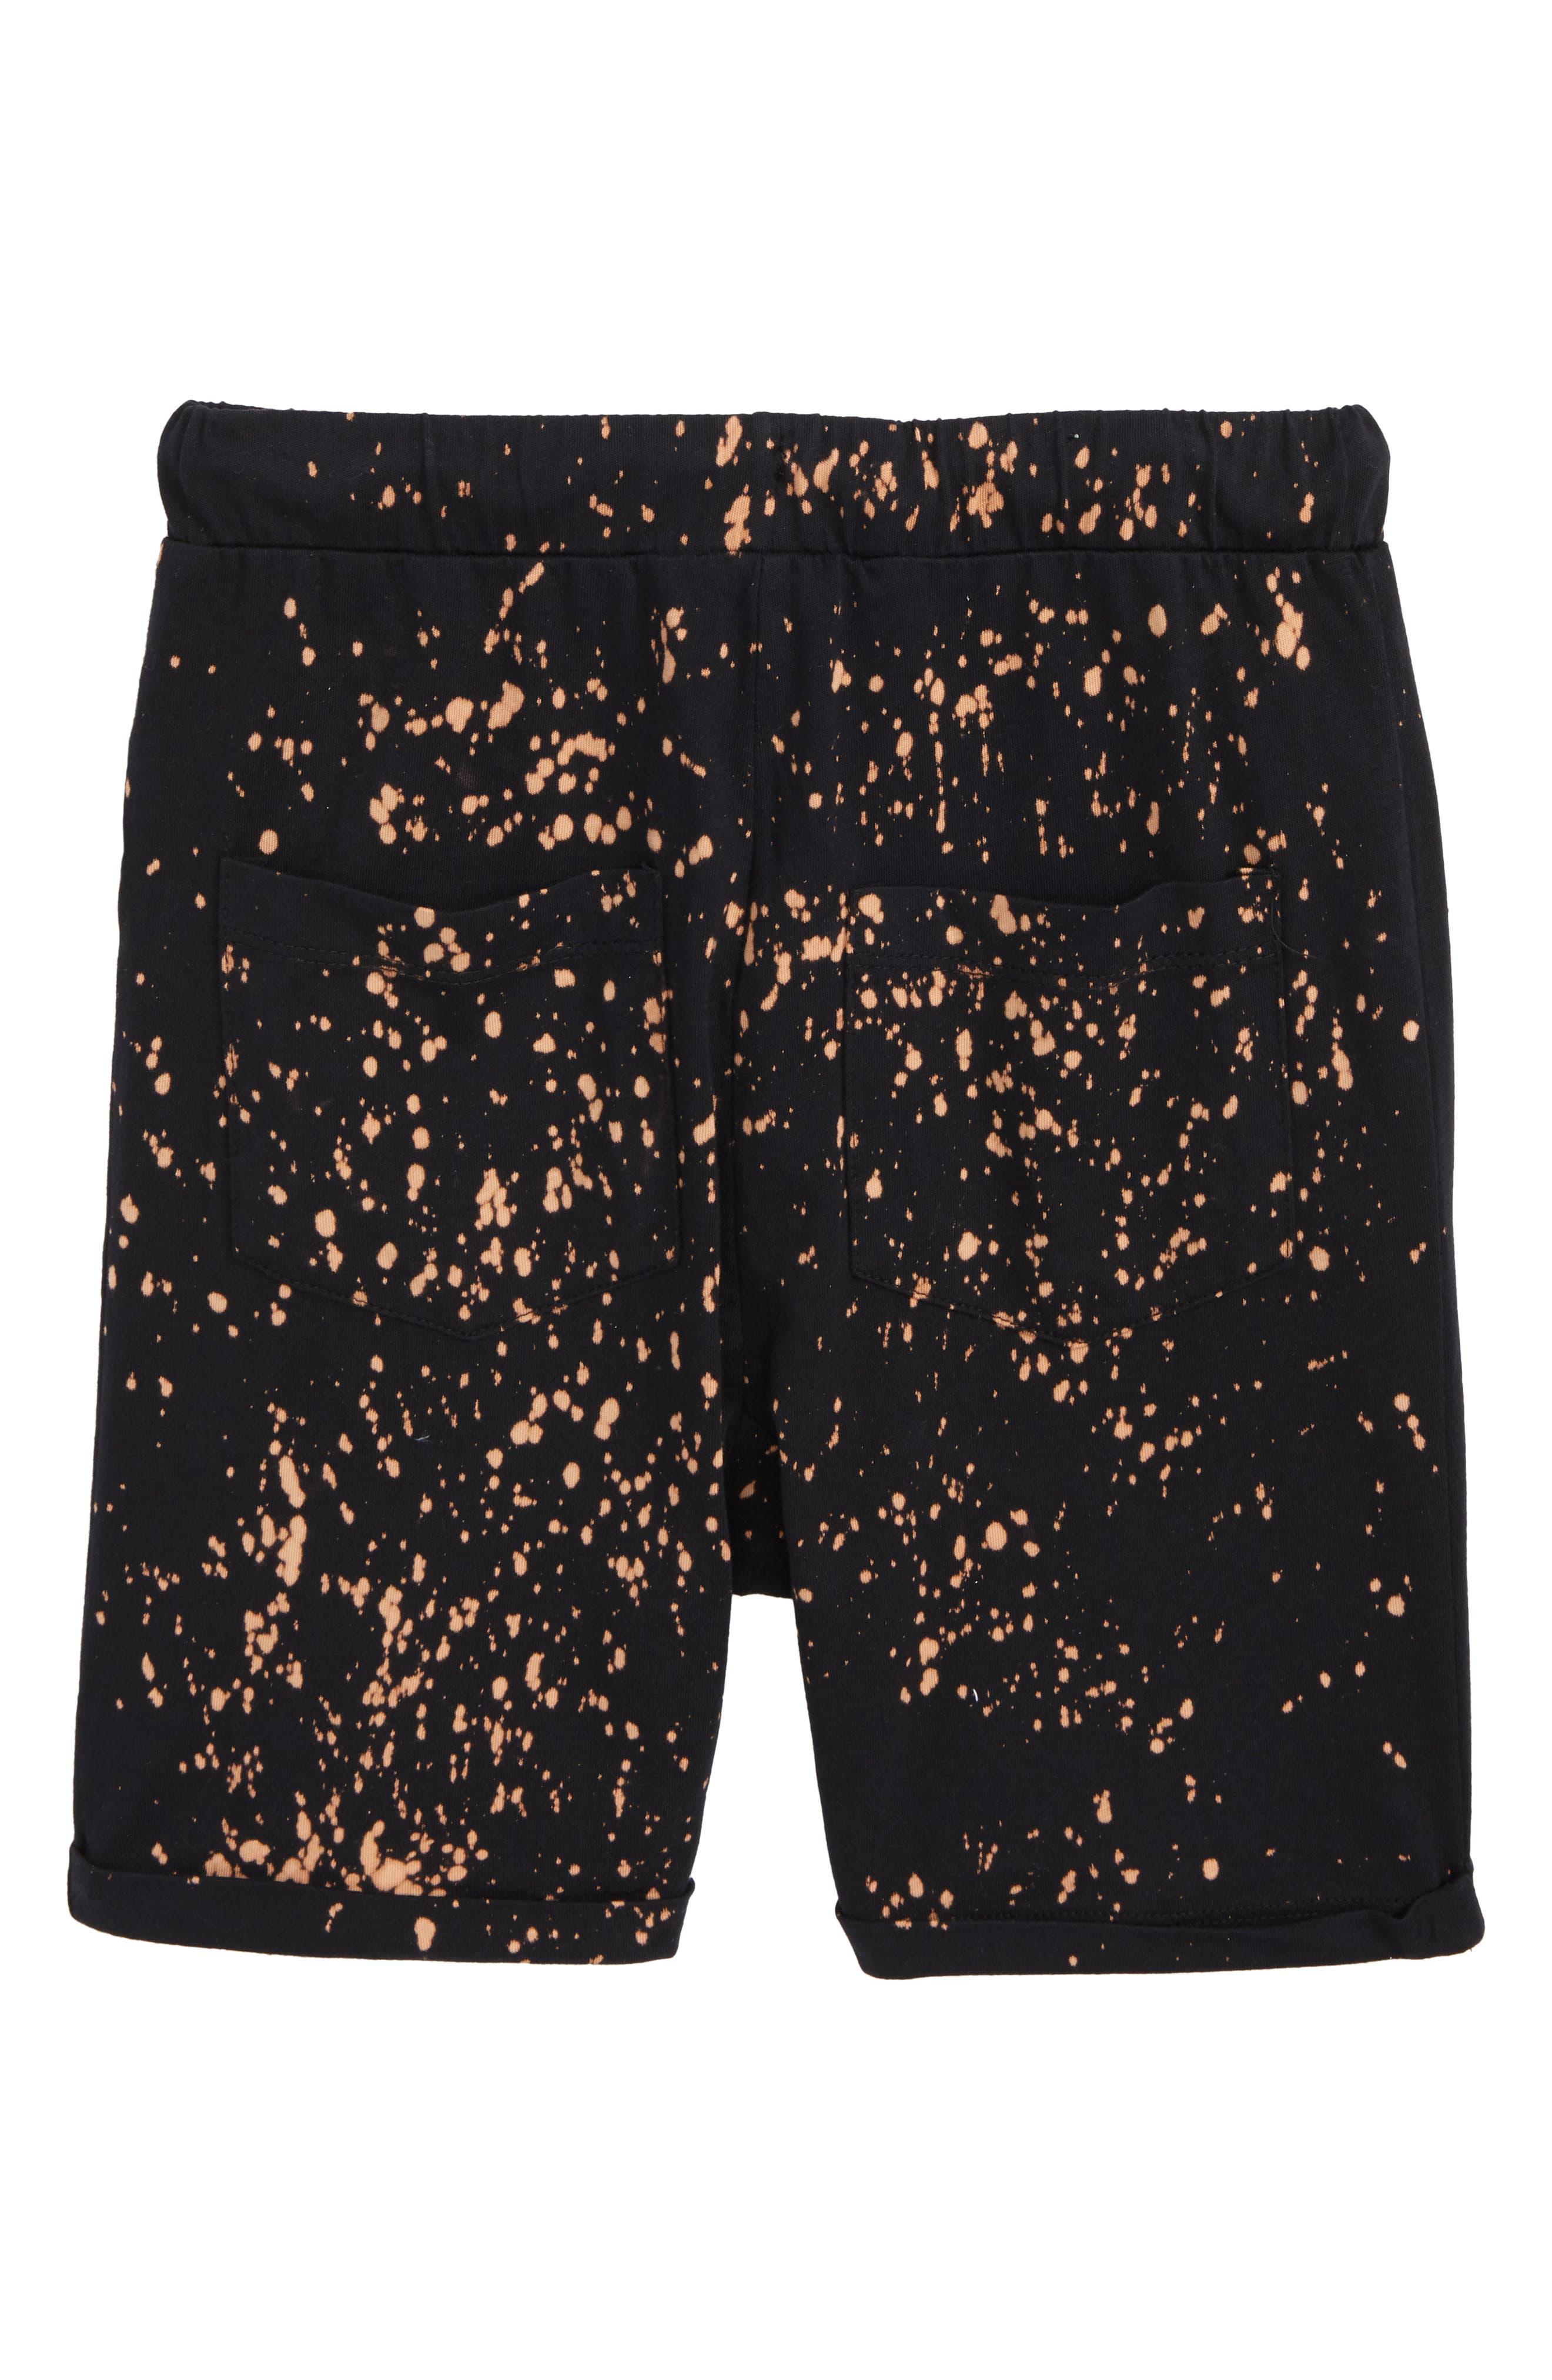 Avalon Knit Shorts,                             Alternate thumbnail 2, color,                             Black